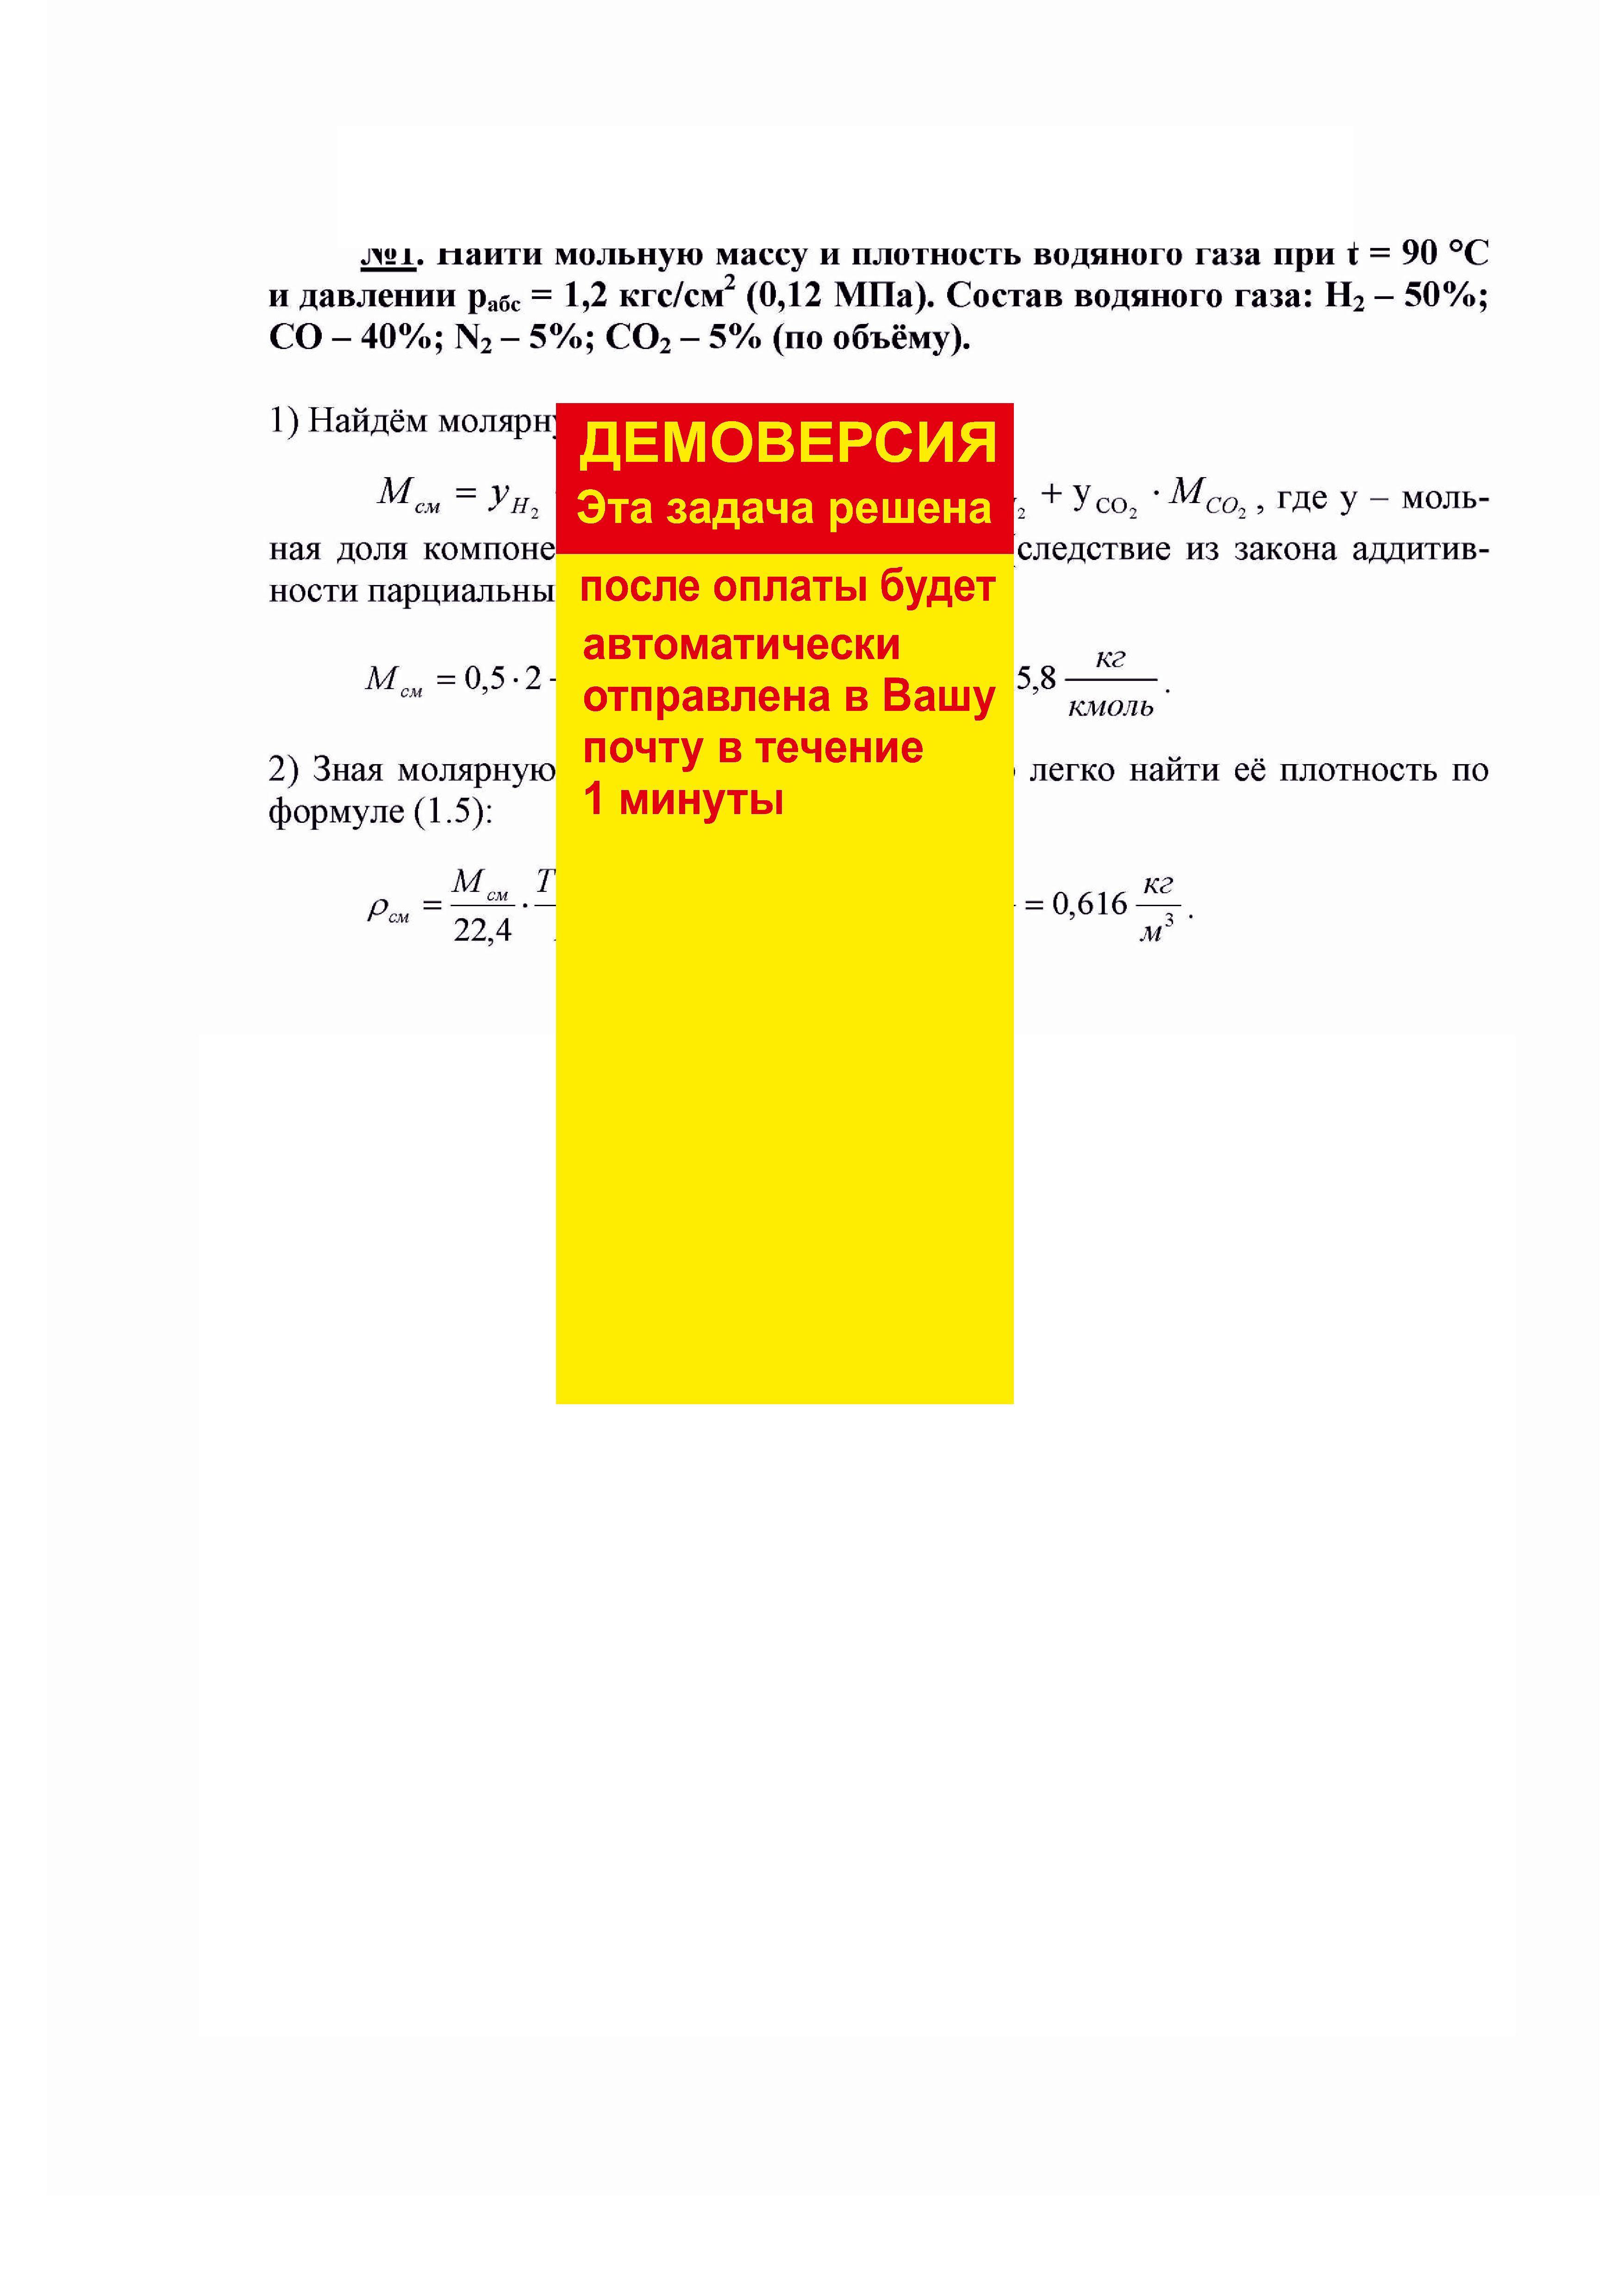 Решение задачи 1.1  по ПАХТ из задачника Павлова Романкова Носкова